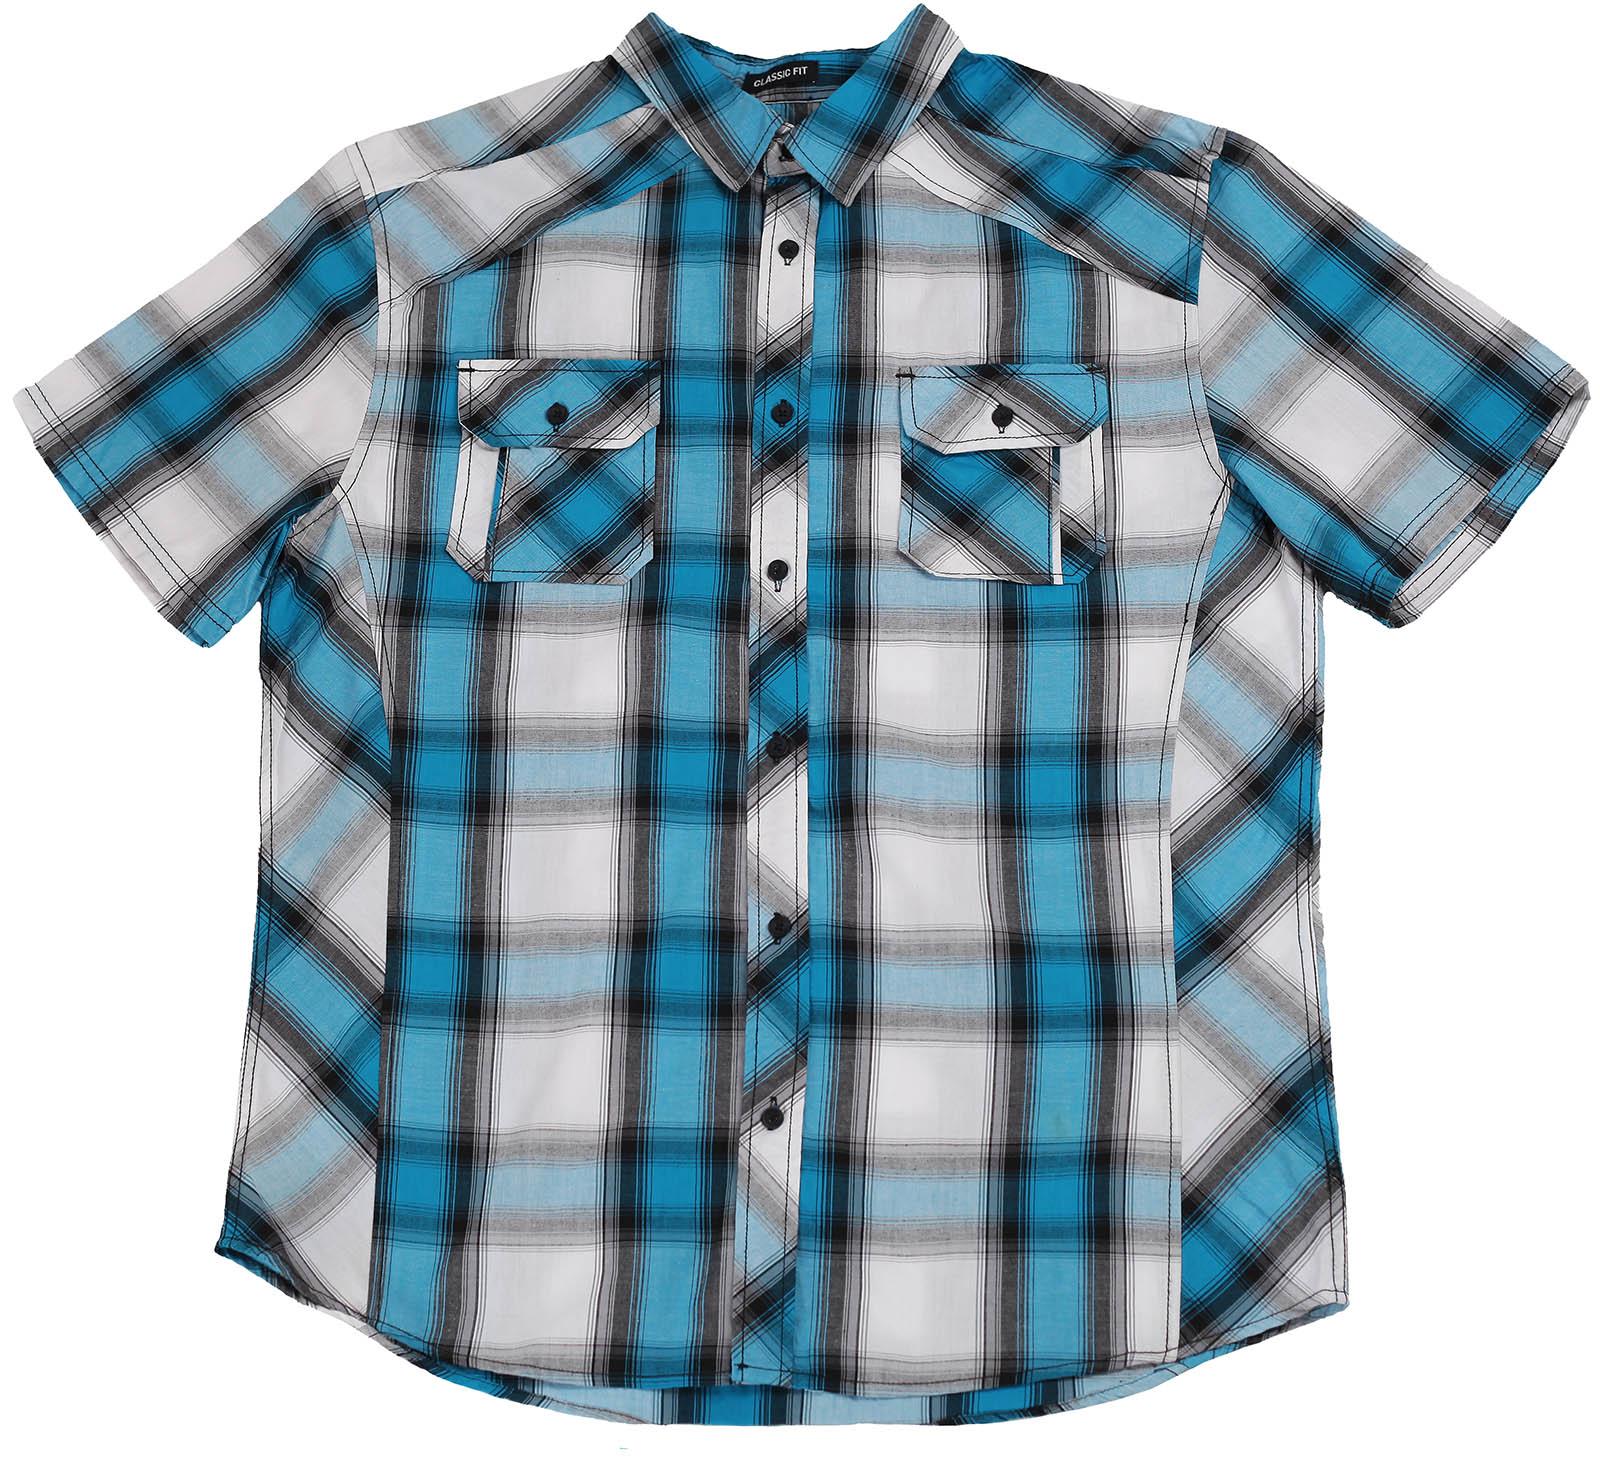 Яркая летняя рубашка от бренда Carbon для незабываемого отдыха